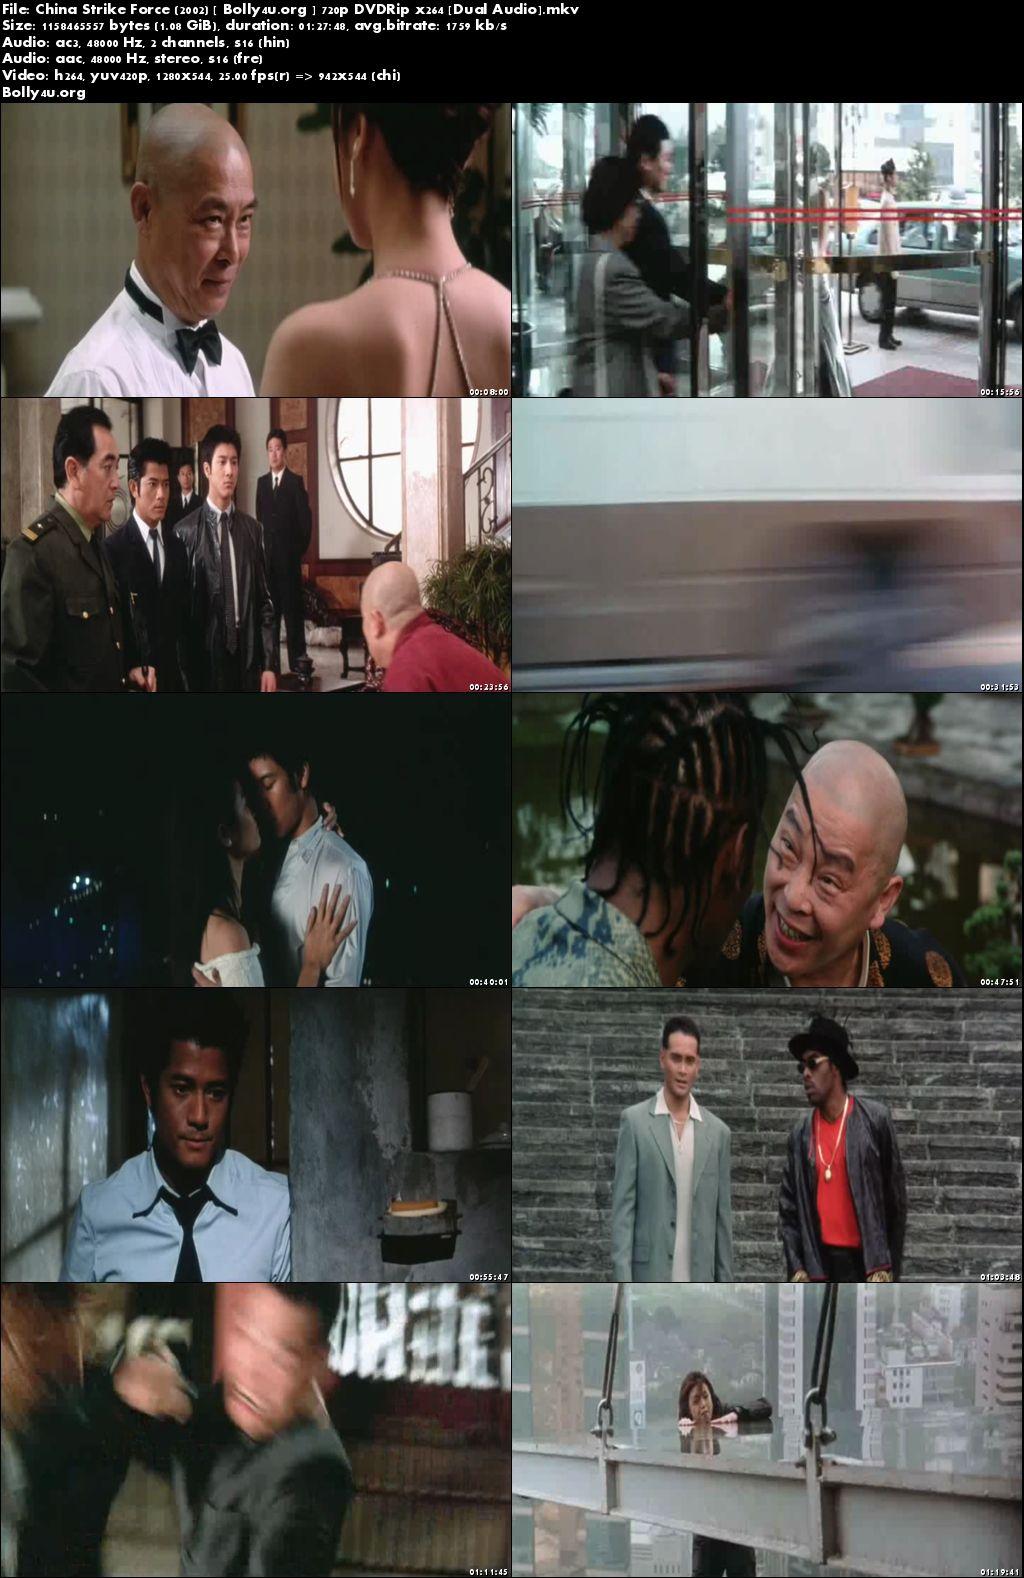 China Strike Force (2000) Full Movie HD